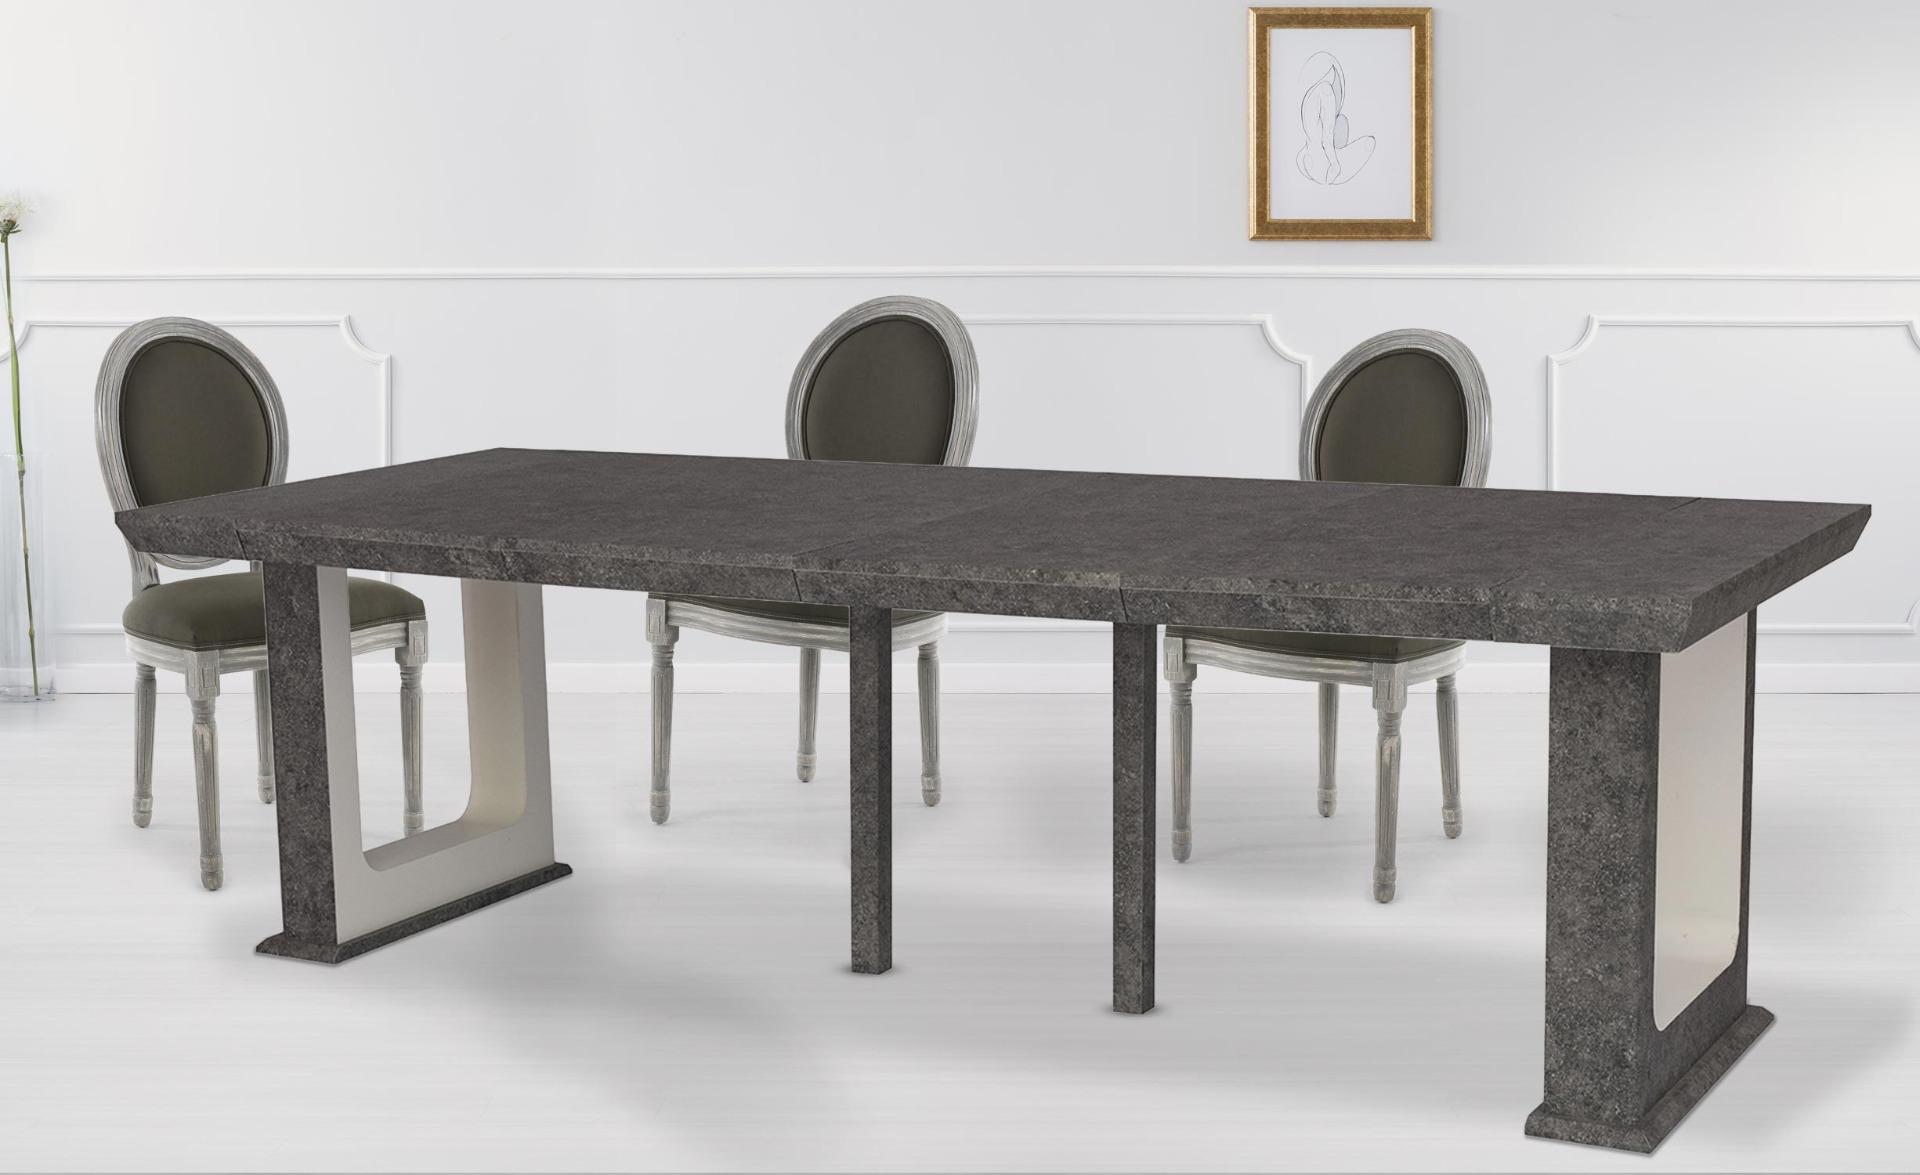 Houston Concrete Effect uitschuifbare consoletafel van 250 cm